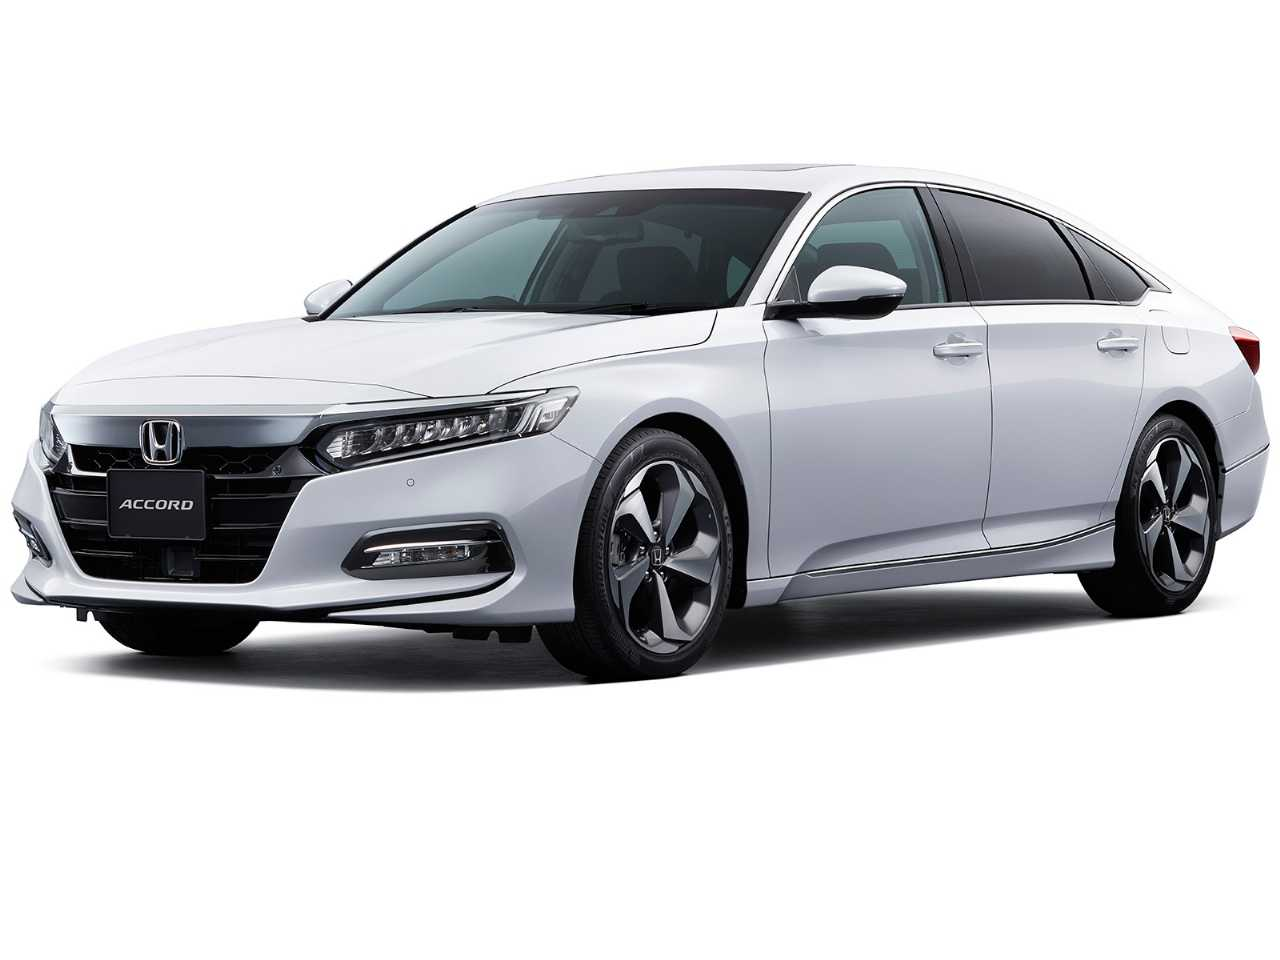 Honda Accord híbrido, que agora passa a adotar a designação e:HEV